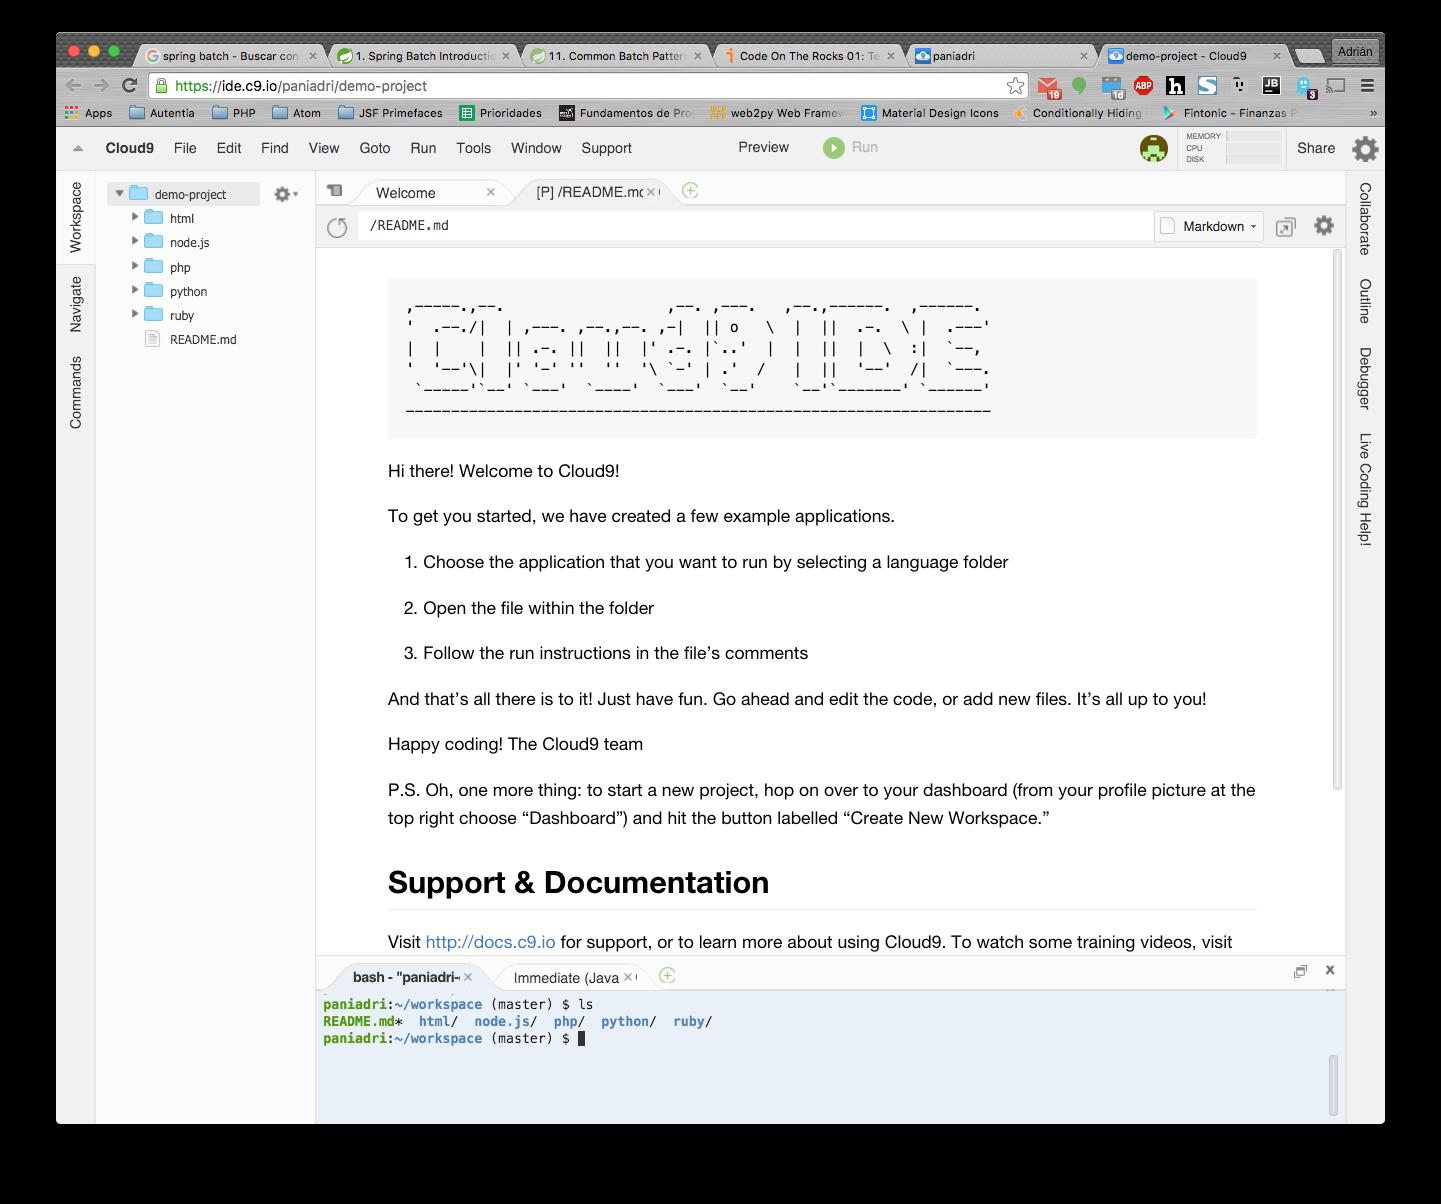 pantalla de bienvenida del proyecto